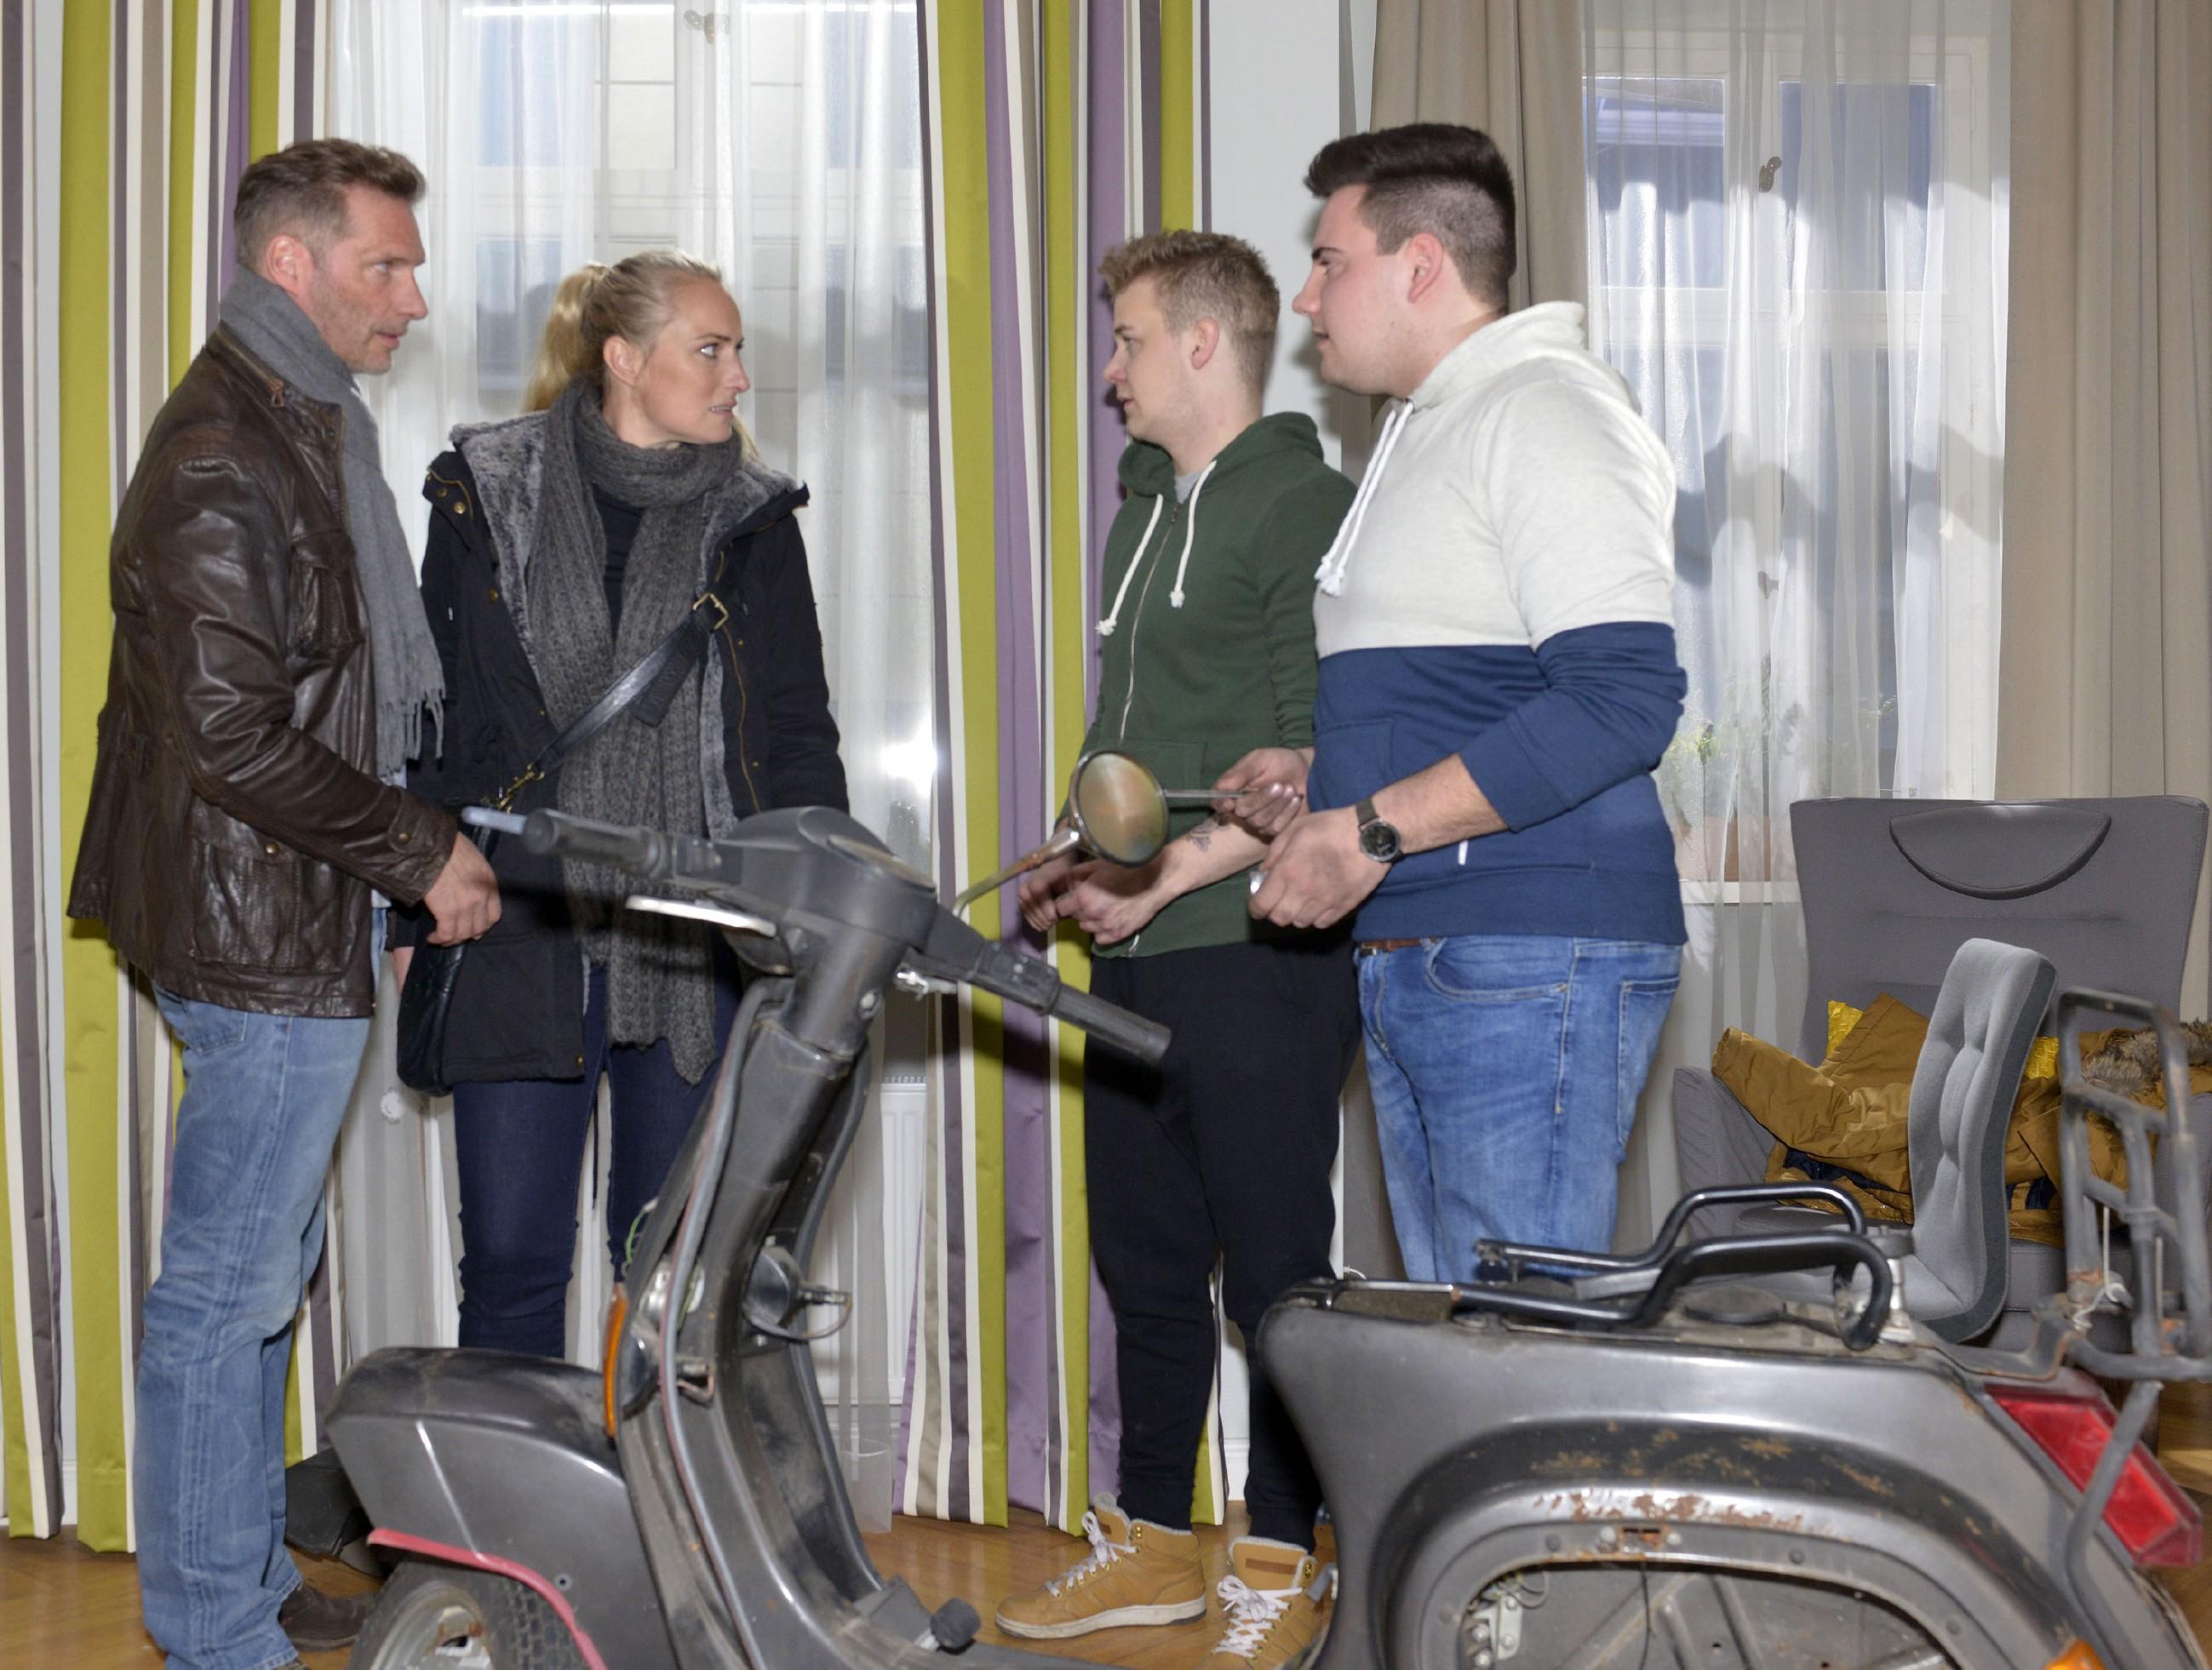 Alexander (Clemens Löhr, l.) und Maren (Eva Mona Rodekirchen) sind sauer, als sie das Chaos in der Wohnung sehen, das Jonas (Felix van Deventer, 2.v.r.) und sein Kumpel (Komparse) bei der Reparatur des Rollers angerichtet haben. (Quelle: RTL / Rolf Baumgartner)